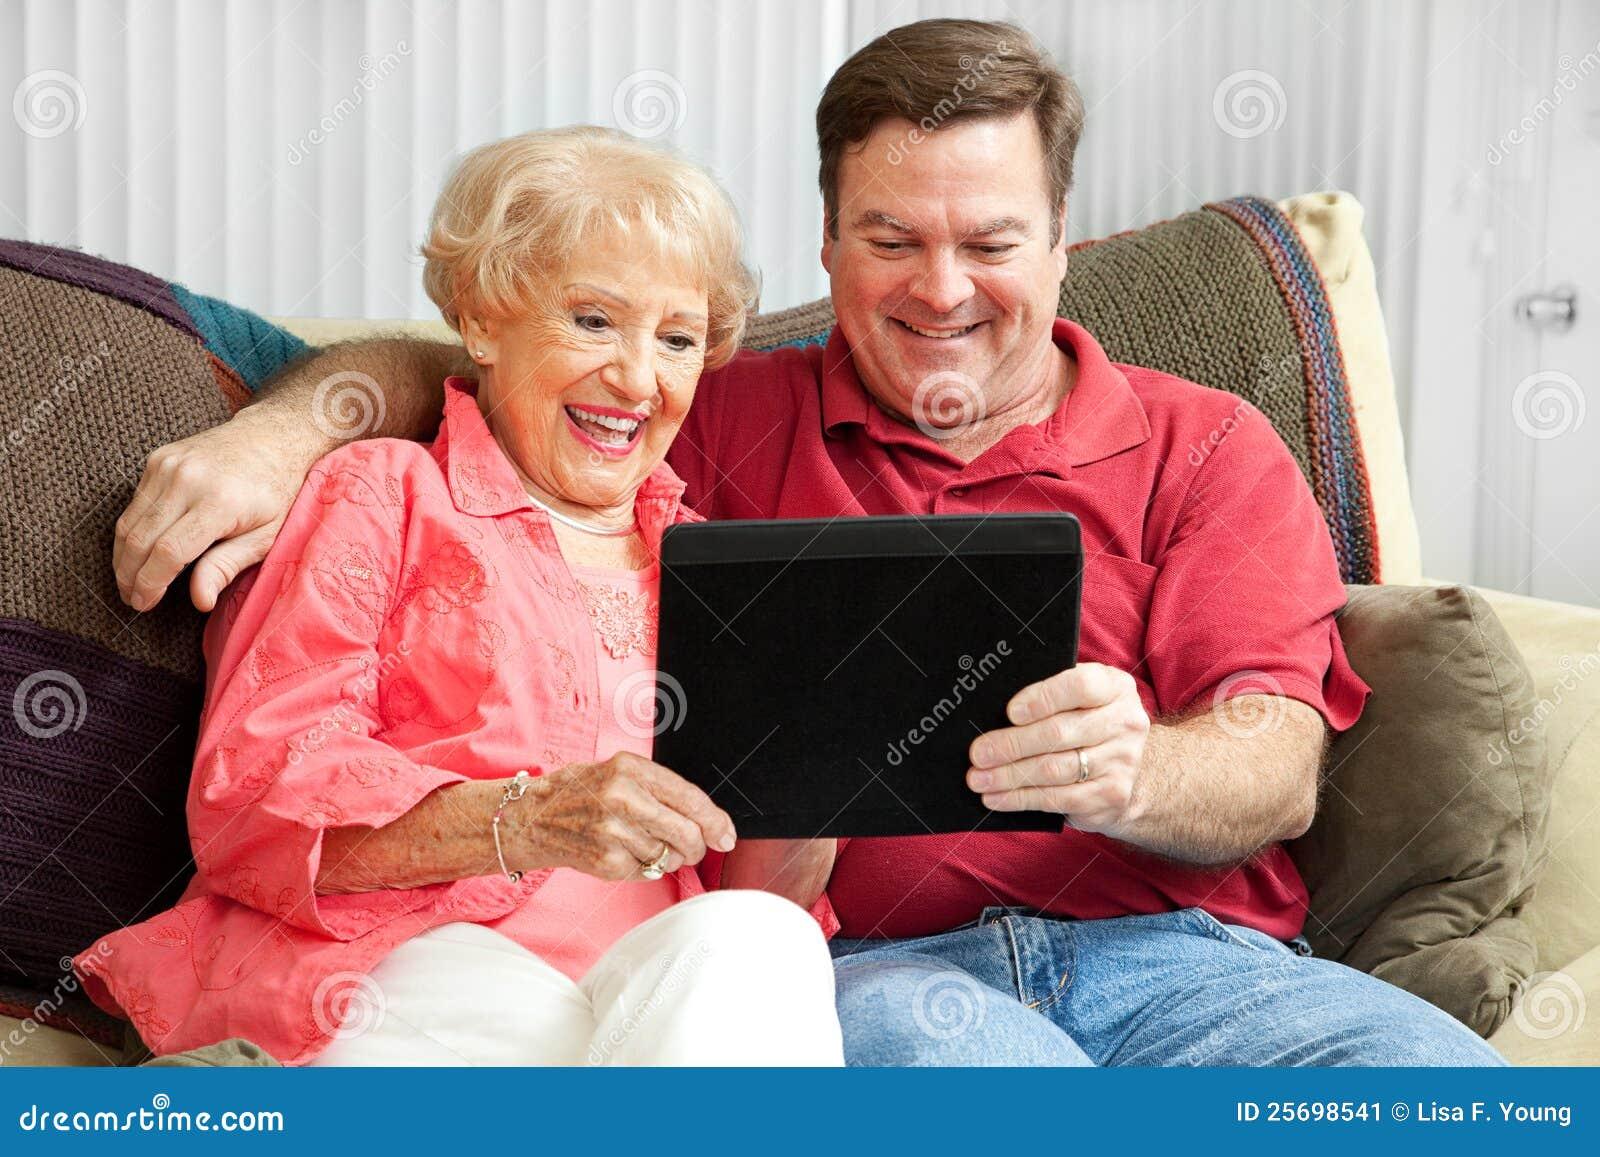 Смотреть бесплатно как друг ебет свою маму, Мать с другом сына, трахнул маму друга - Смотреть 23 фотография